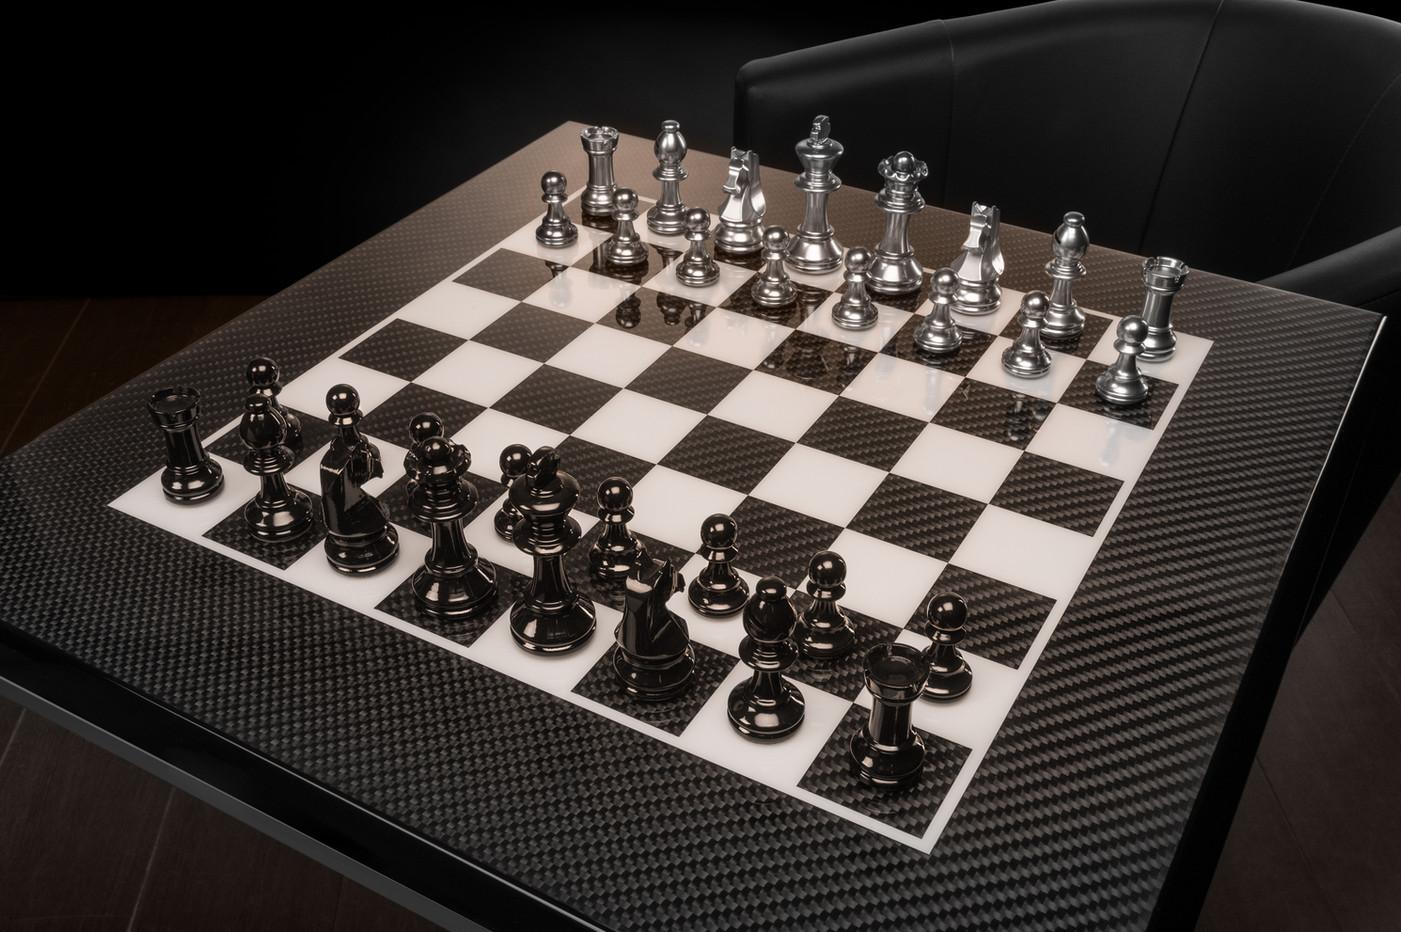 Table d'échecs  Plateau de jeu 60x60cm en fibre de carbone sergé 600g, 32 pions noir brillant / chrome vernis.  Piètement en métal noir brillant avec revêtement epoxy.  Plaquette d'identification en aluminium.  Finitions faites avec un vernis polyuréthane poli-lustré avec traitement céramique anti rayures.      Tarif : 4000€